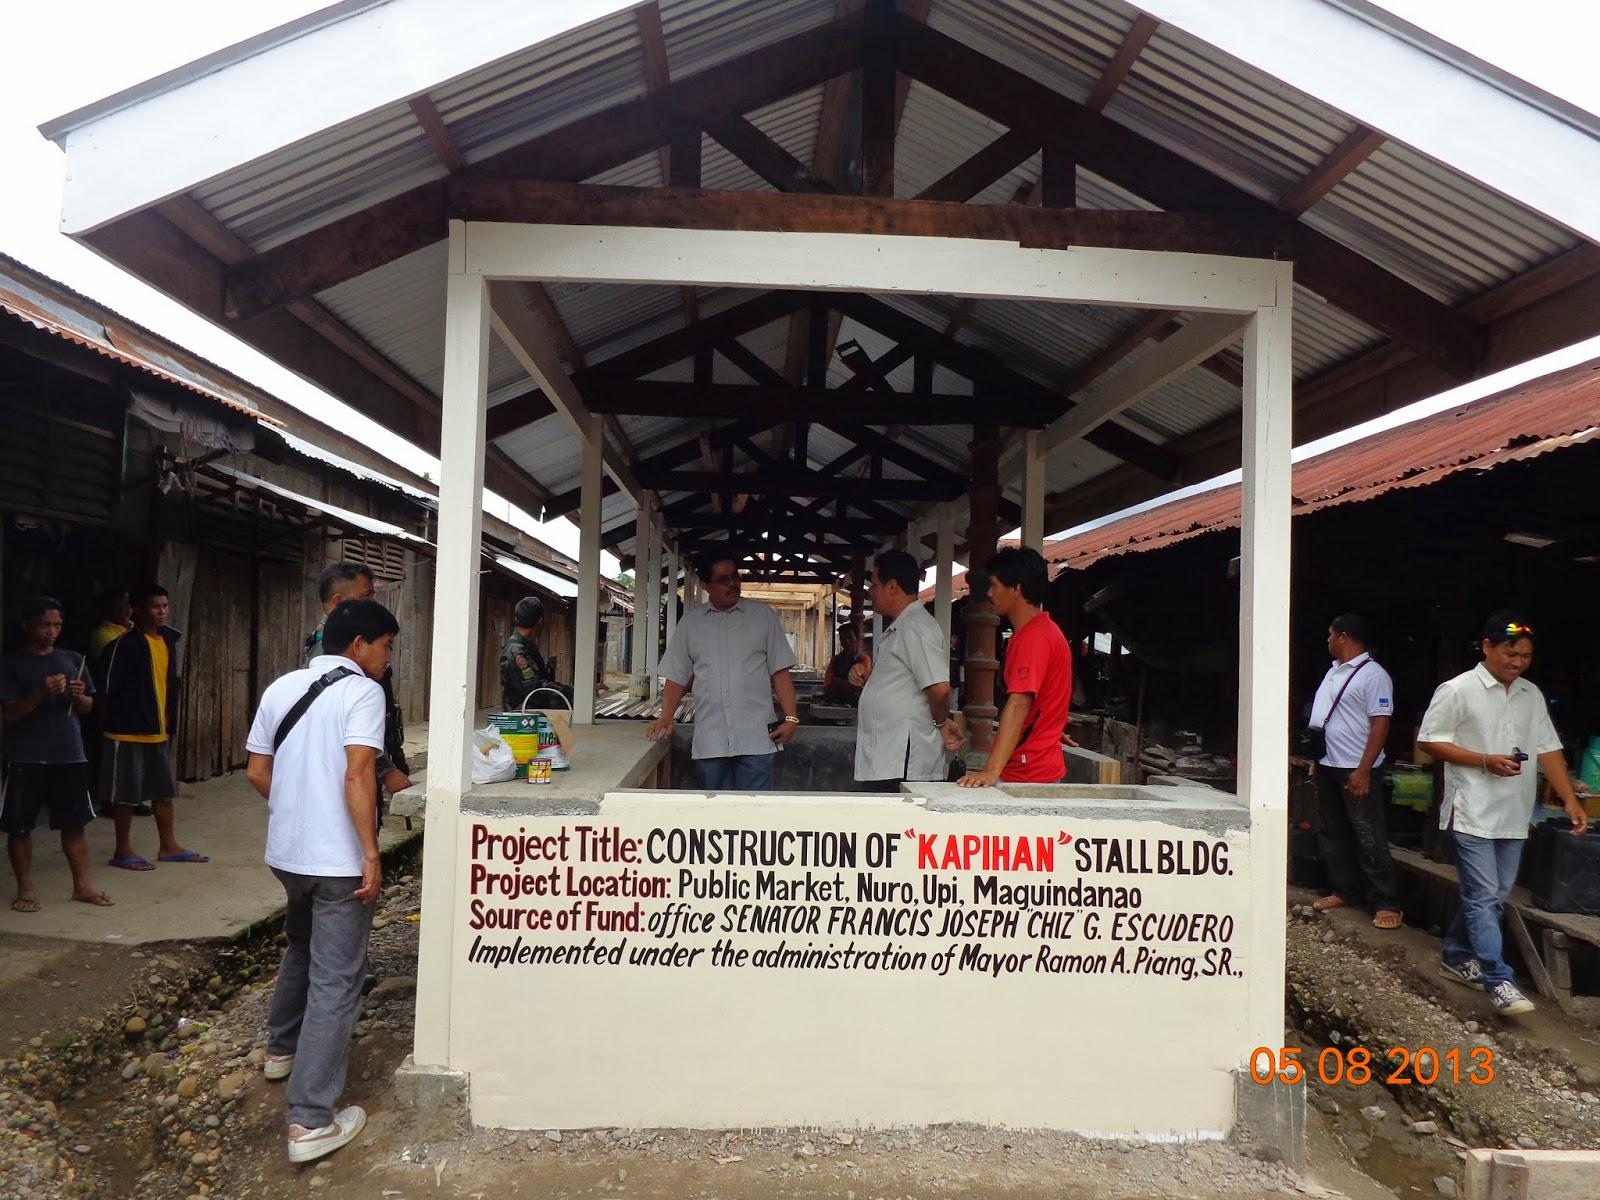 ano ang gusto kong hanapbuhay Ang pinakamaligayang pagsasama ng mga mag-asawa at pamilya ay yaong isinalig sa mga alituntuning itinuro ni cristo—pagiging di-makasarili at katapatan.